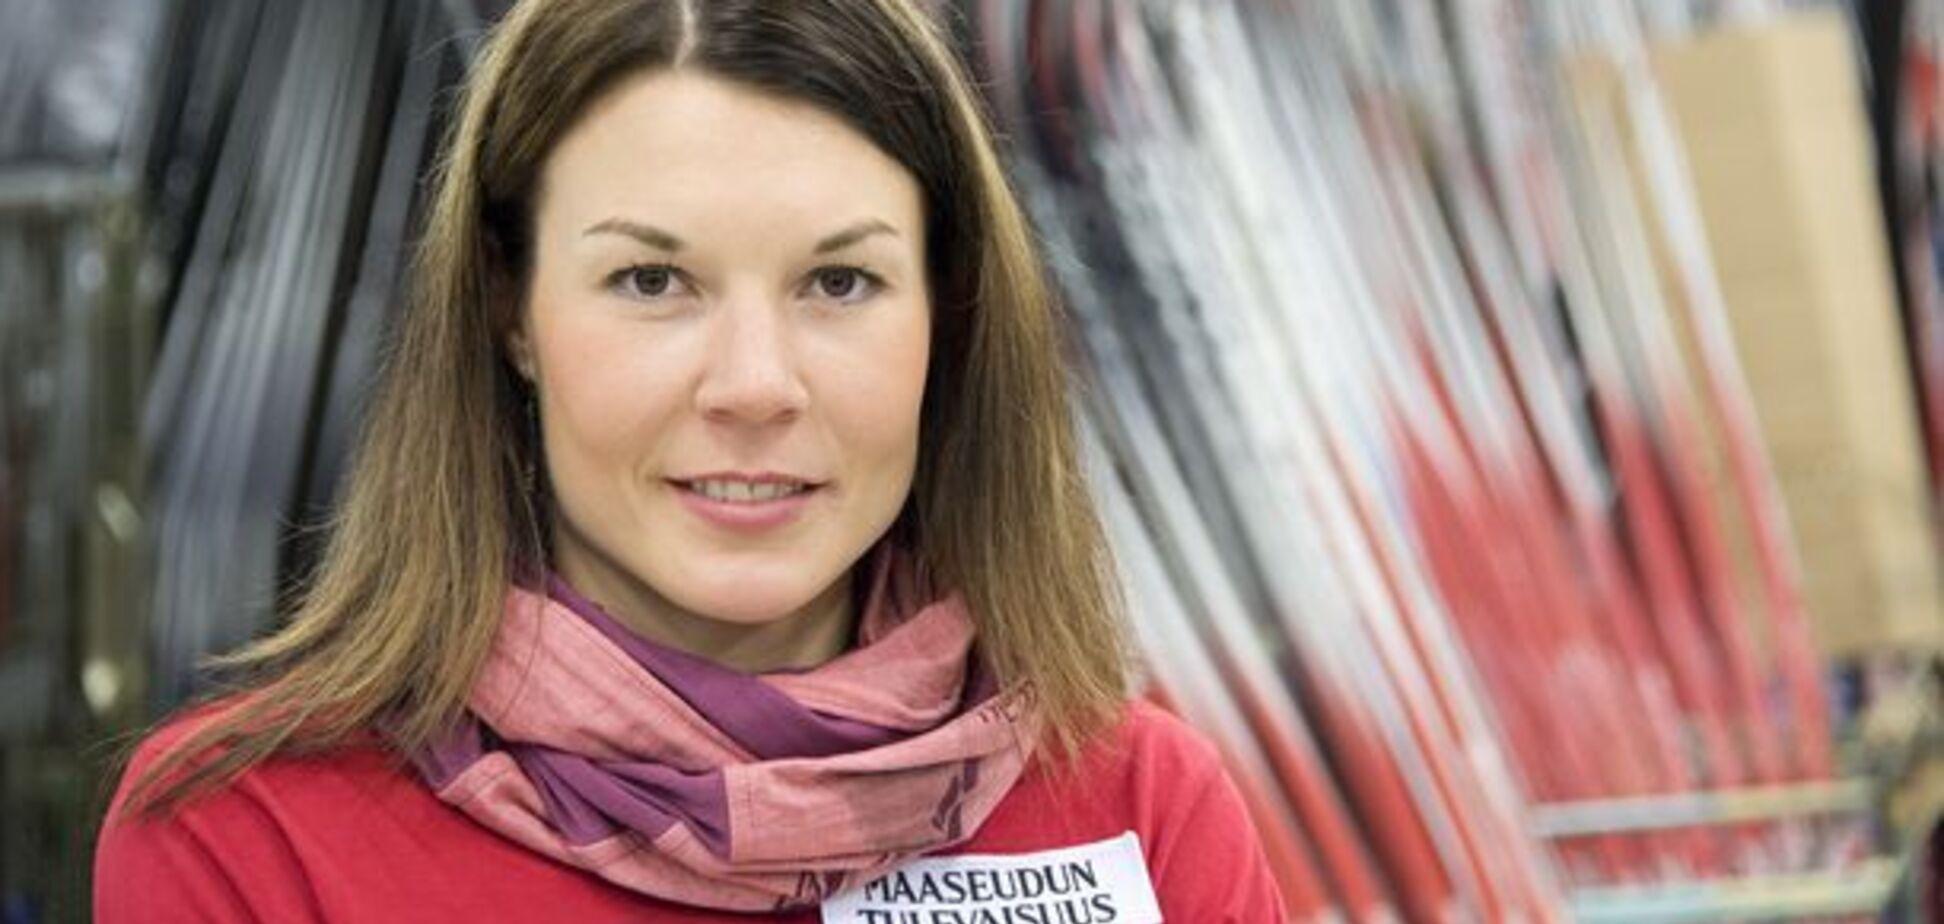 Участница Олимпиады в Сочи трагически умерла в 36 лет